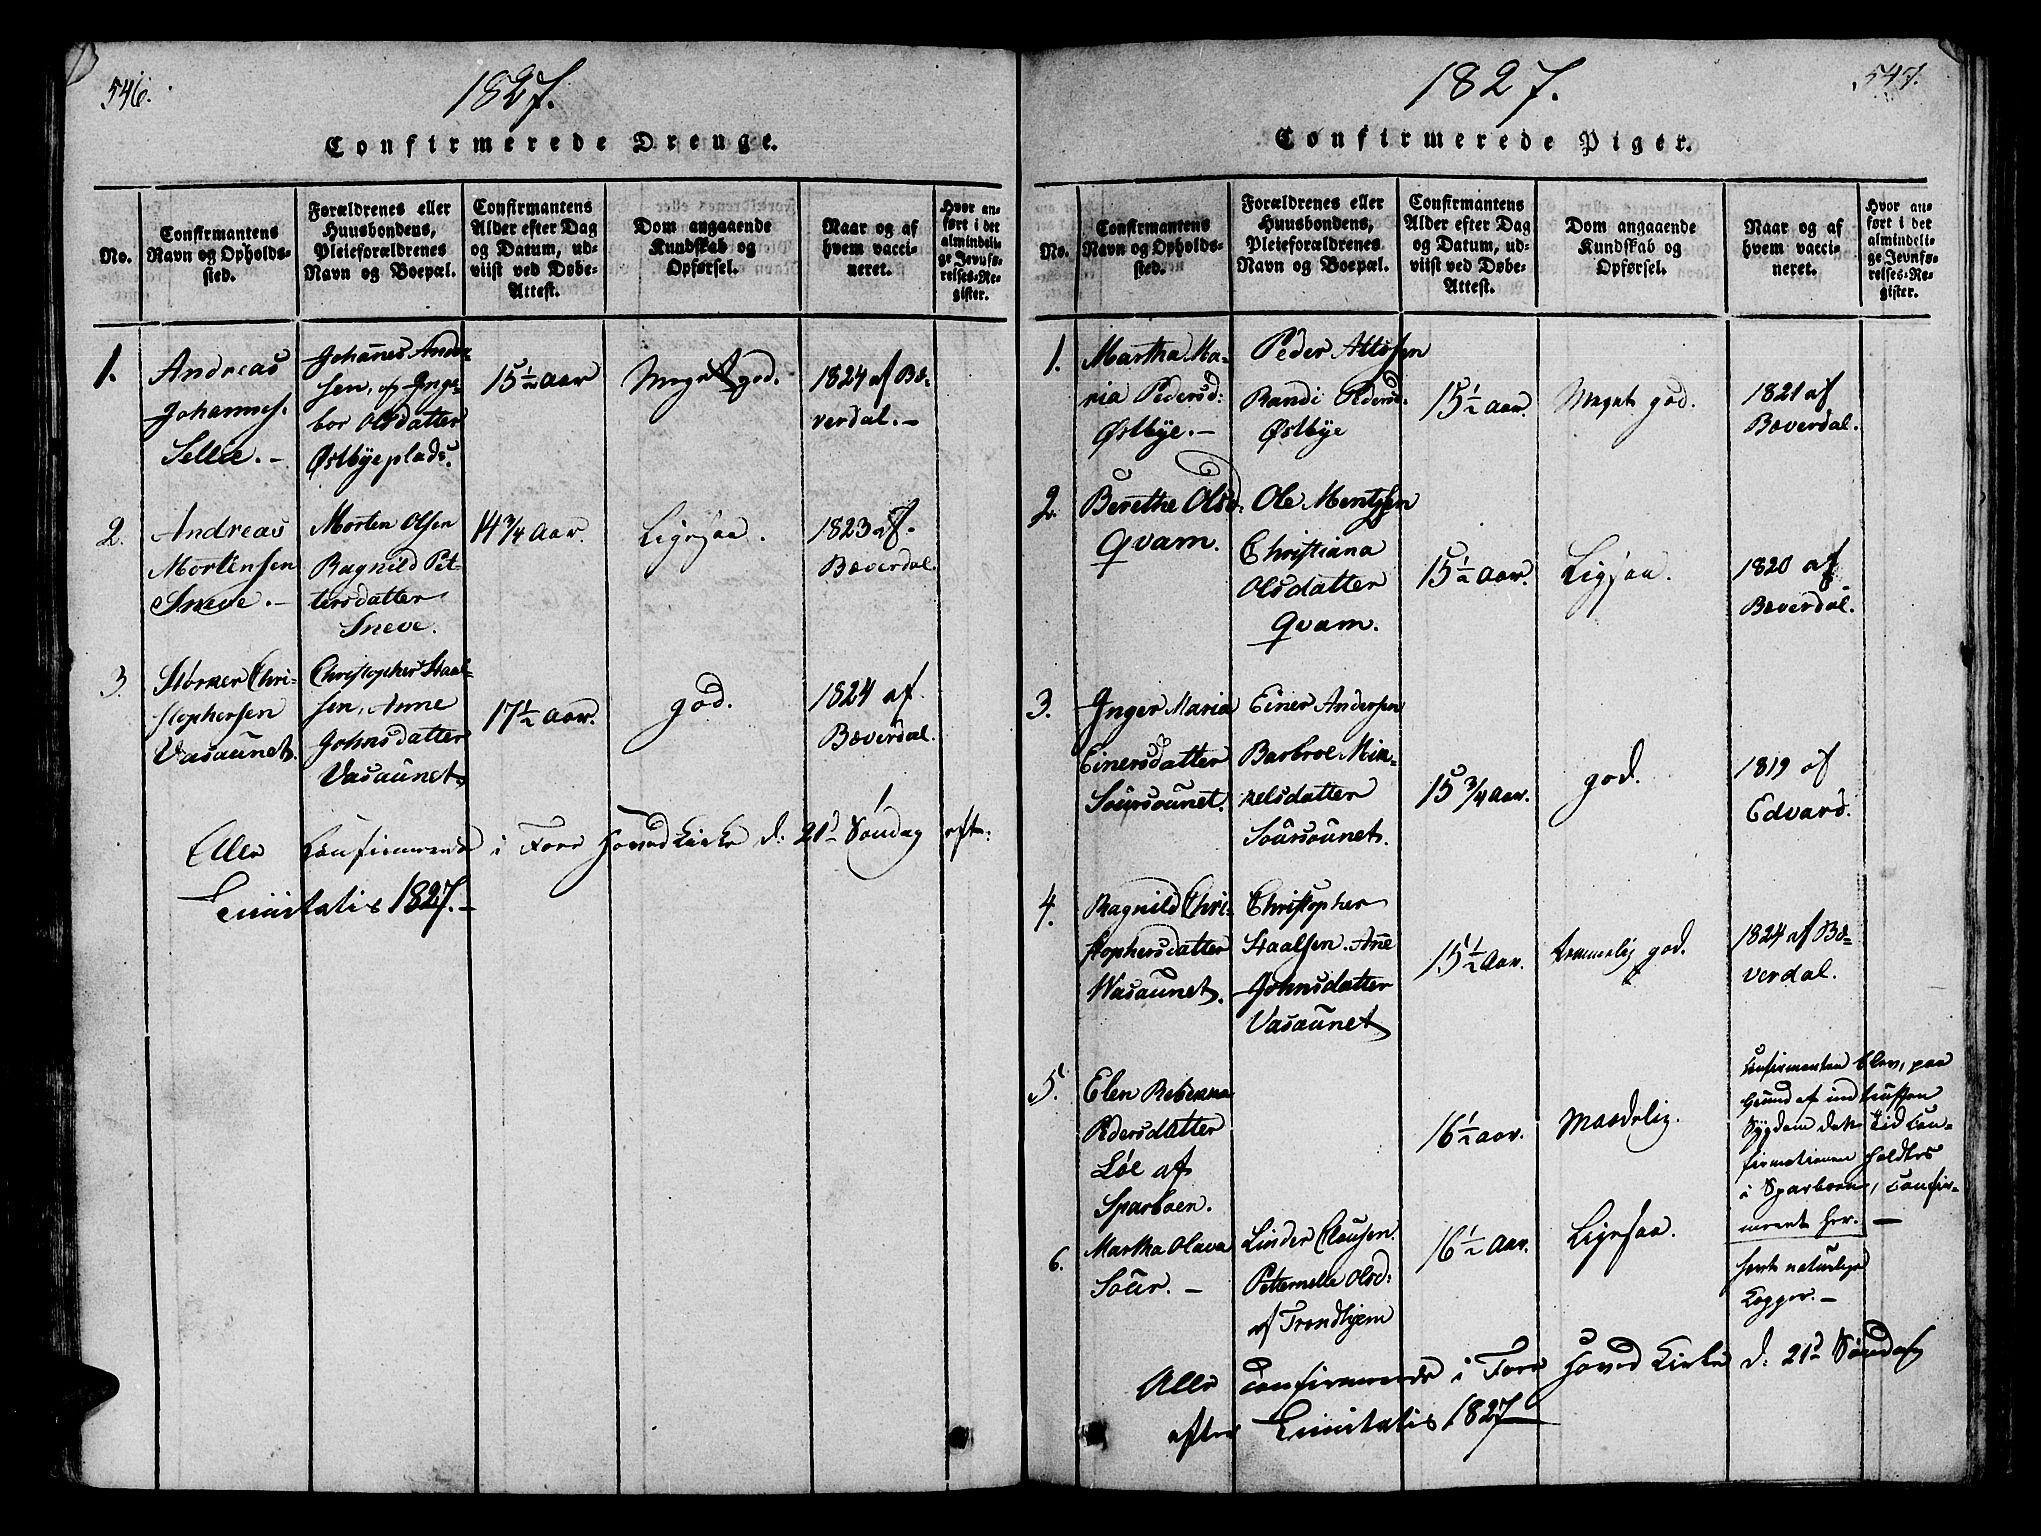 SAT, Ministerialprotokoller, klokkerbøker og fødselsregistre - Nord-Trøndelag, 746/L0441: Ministerialbok nr. 736A03 /3, 1816-1827, s. 546-547